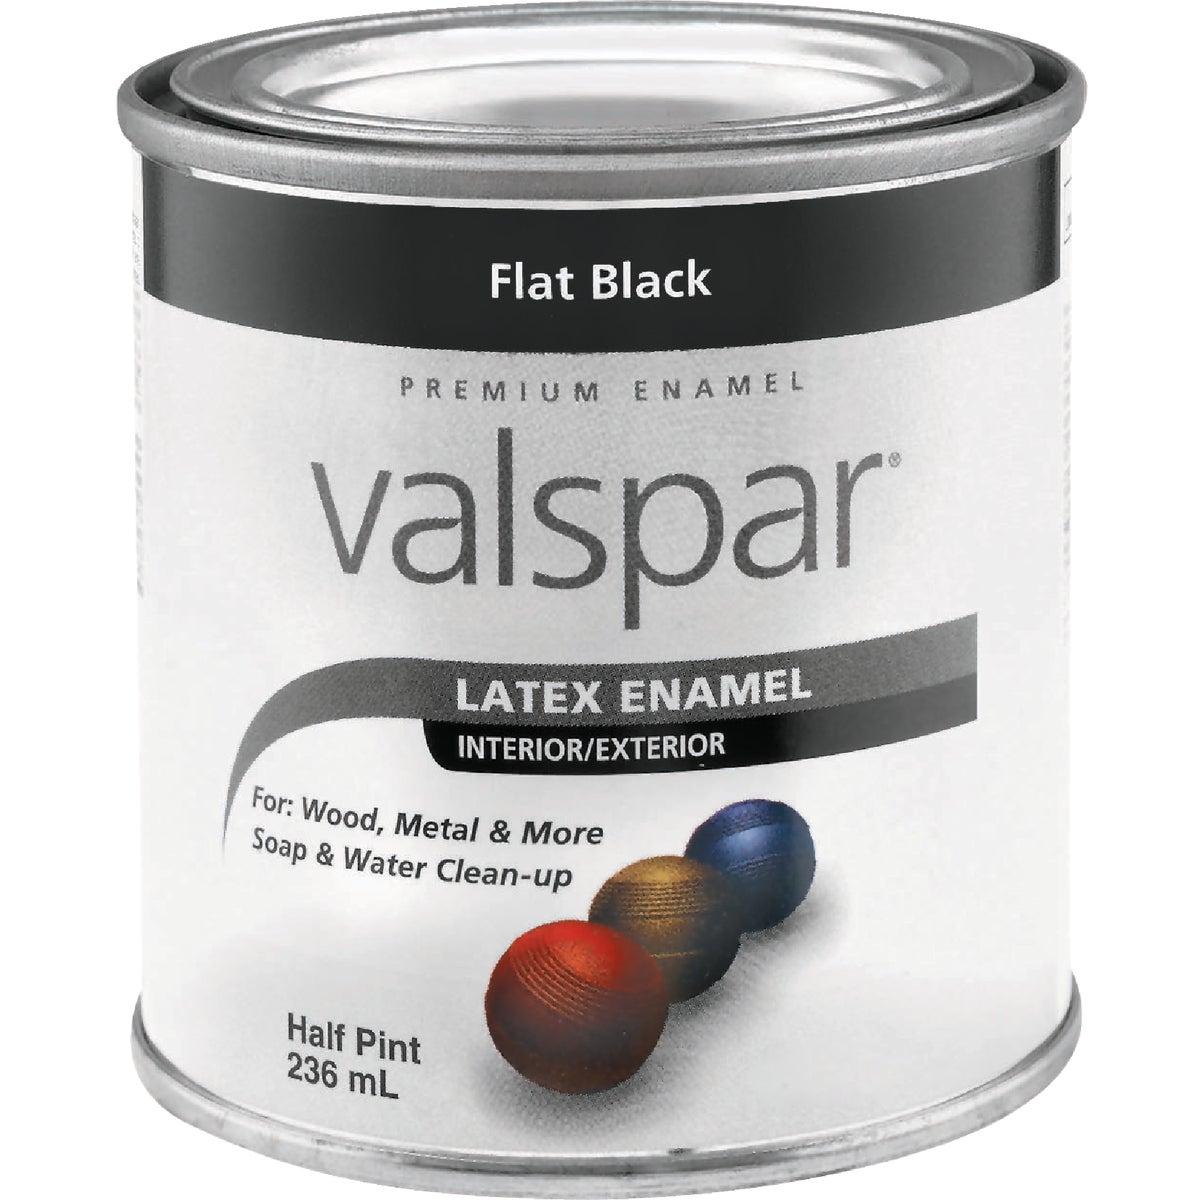 LTX FLAT BLACK ENAMEL - 410.0065050.003 by Valspar Corp